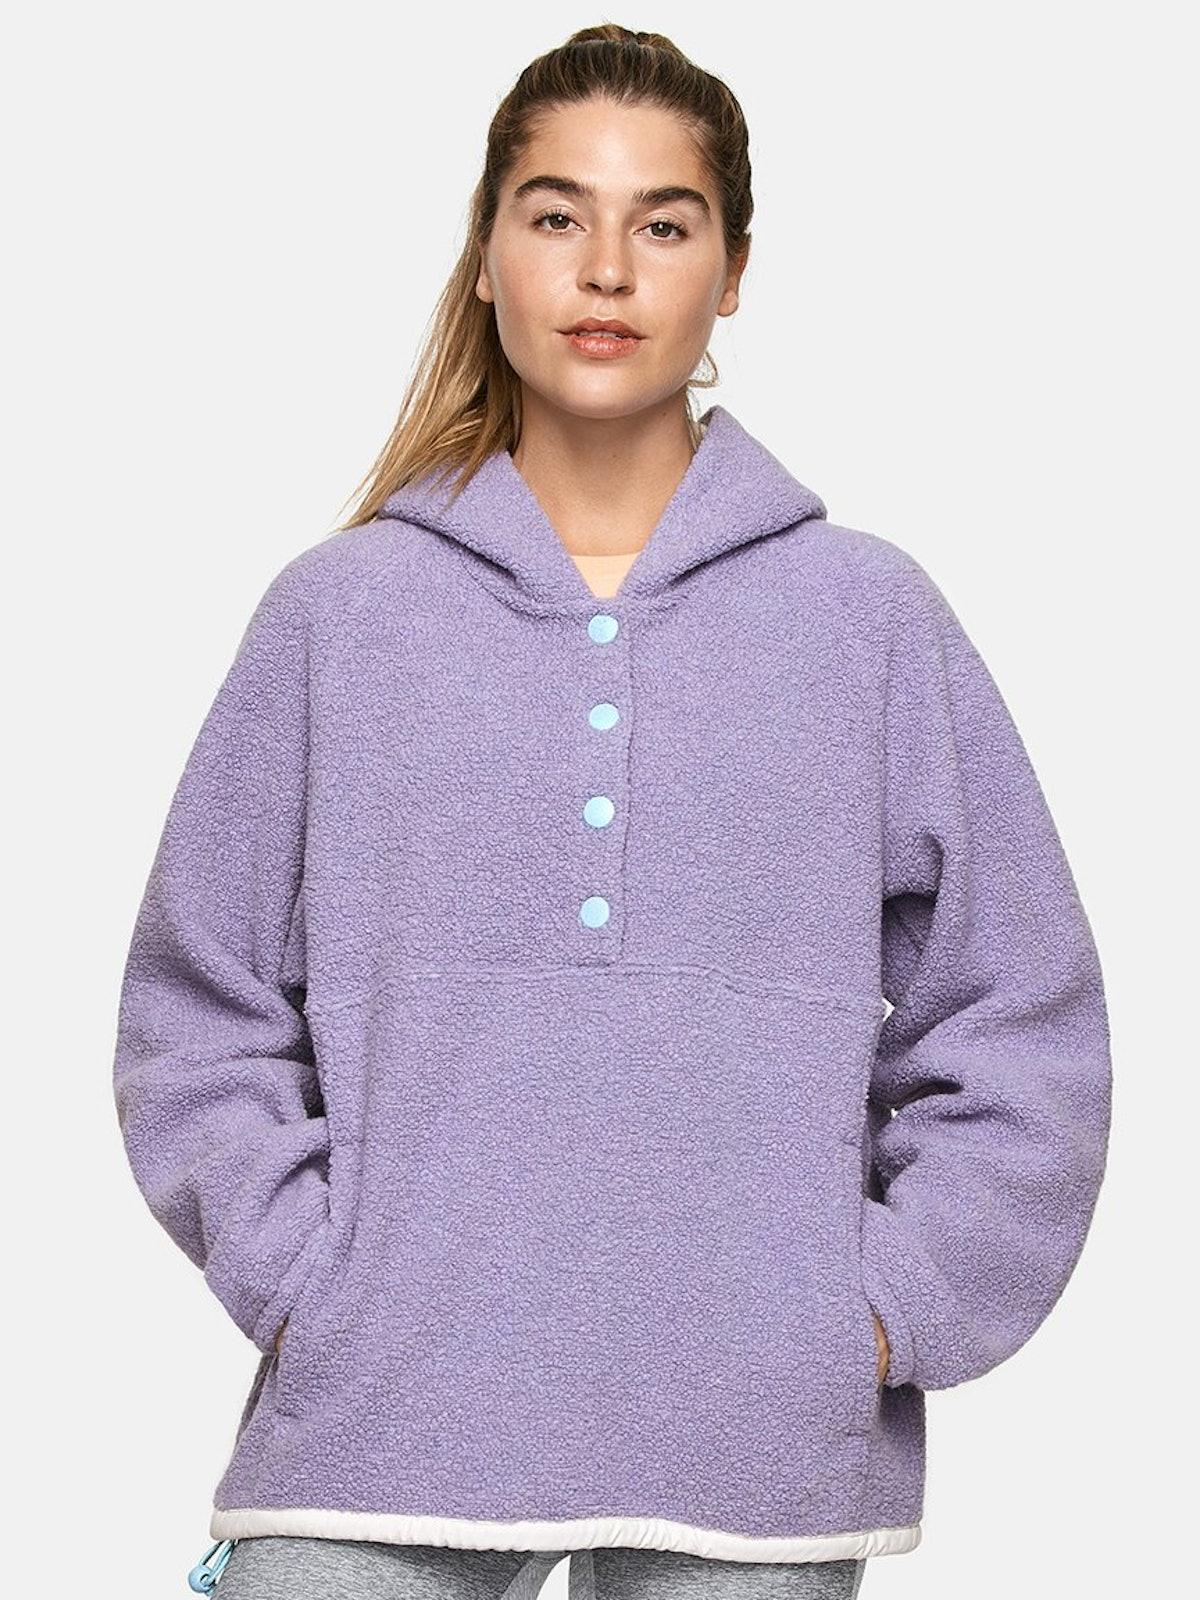 MegaFleece Pullover